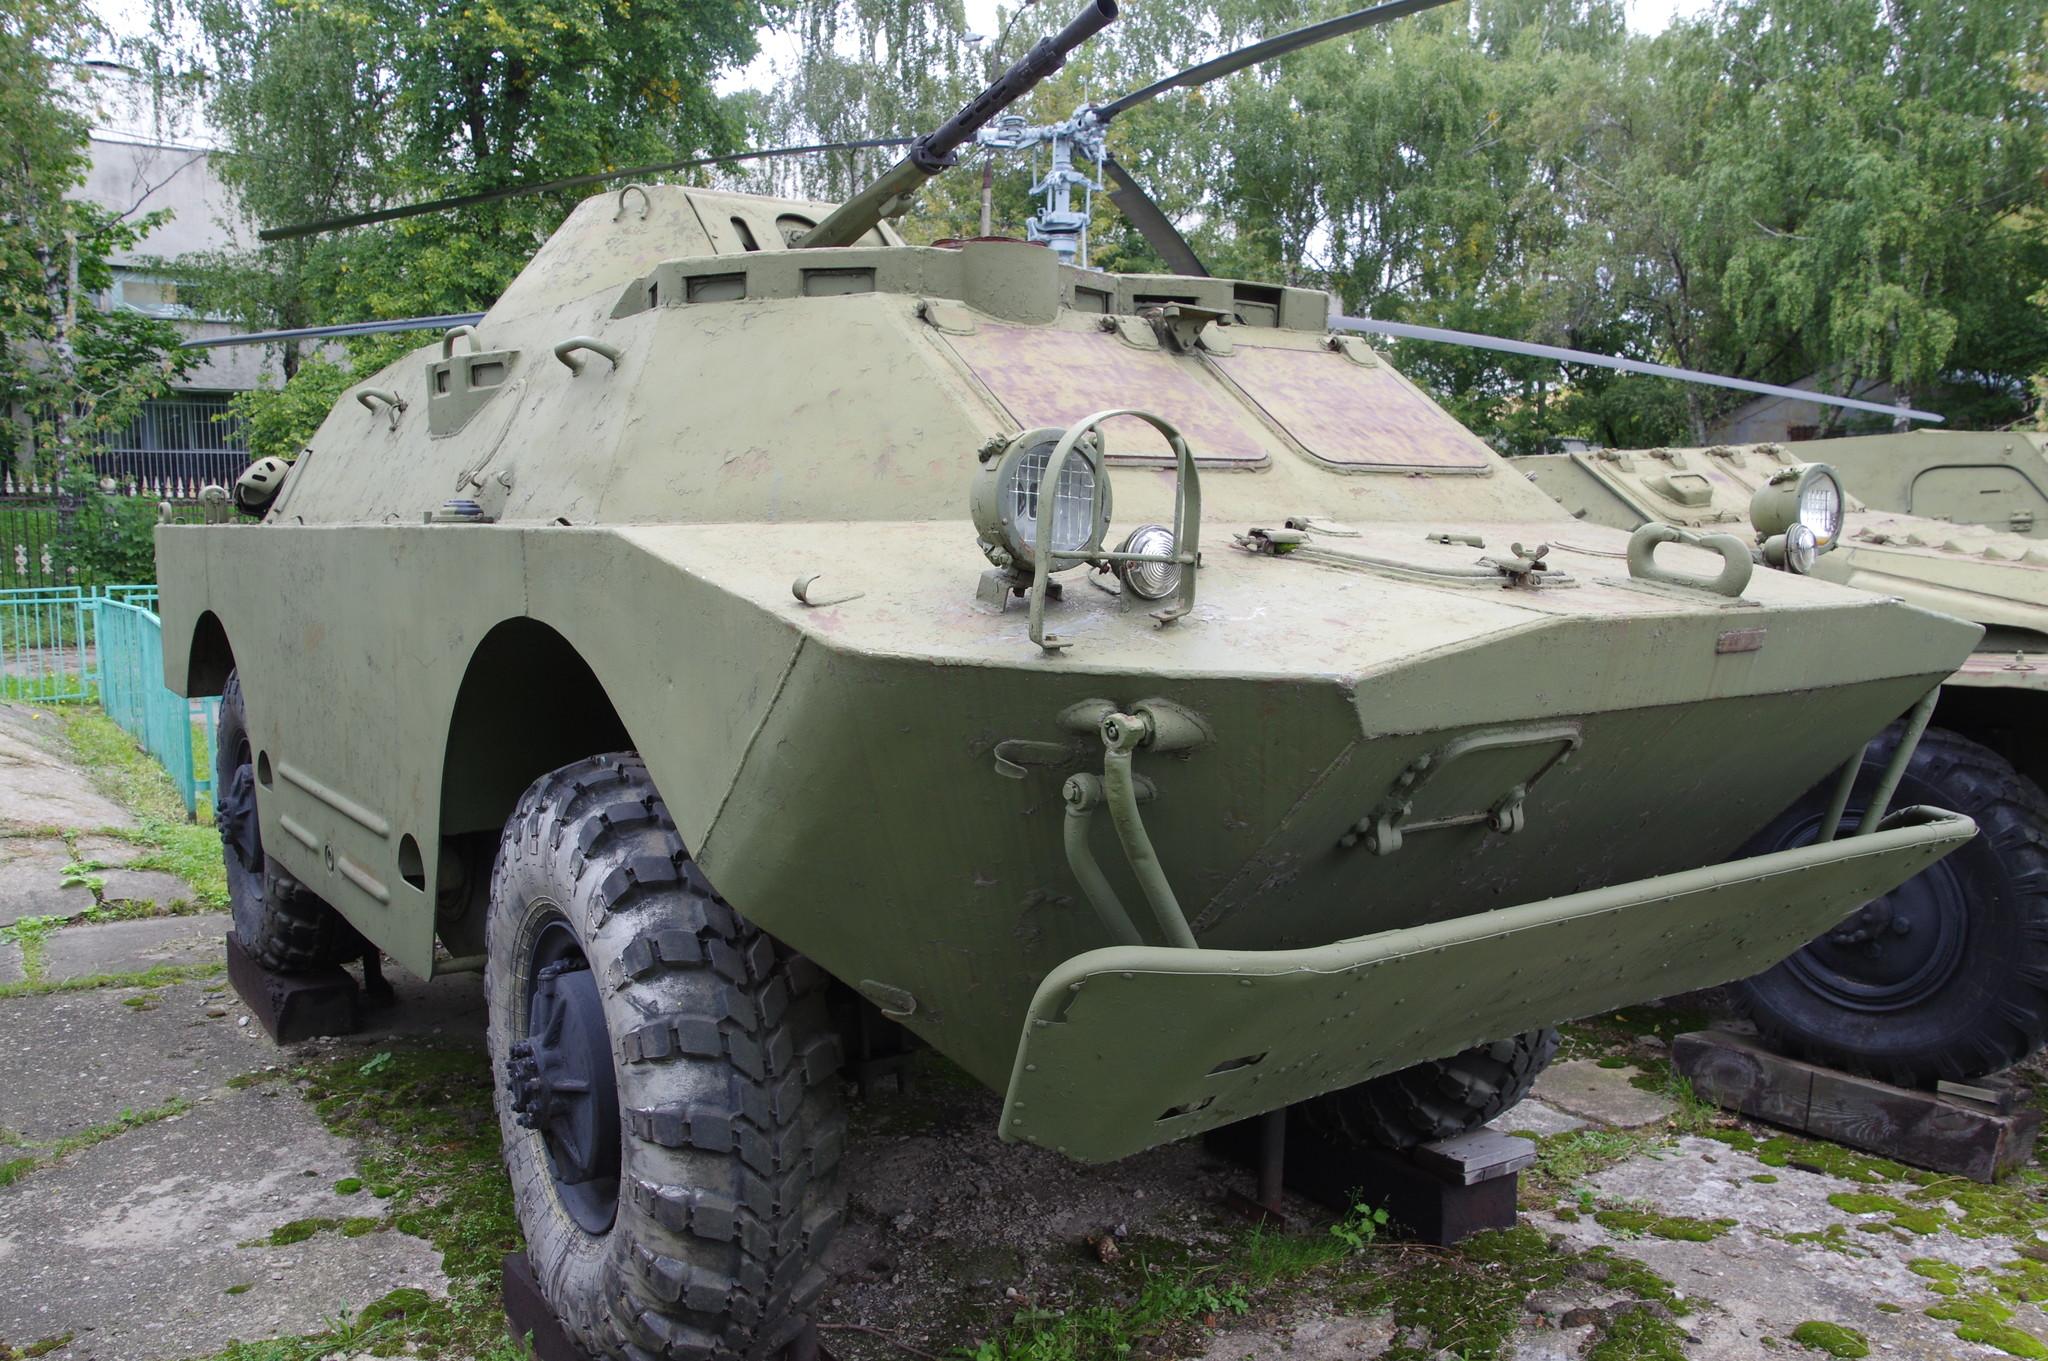 Бронированная разведывательно-дозорная машина БРДМ-2 (1962 г.) в экспозиции Центрального музея Вооружённых сил Российской Федерации